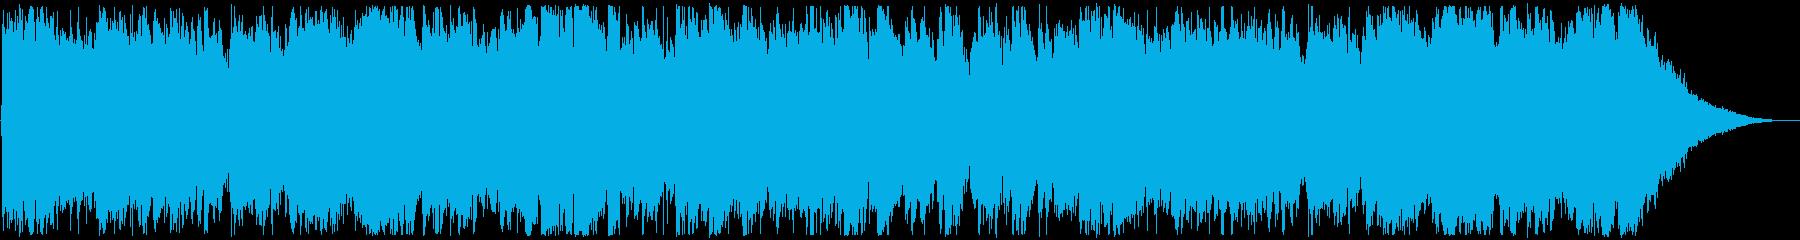 エンディング・優しいウクレレの再生済みの波形